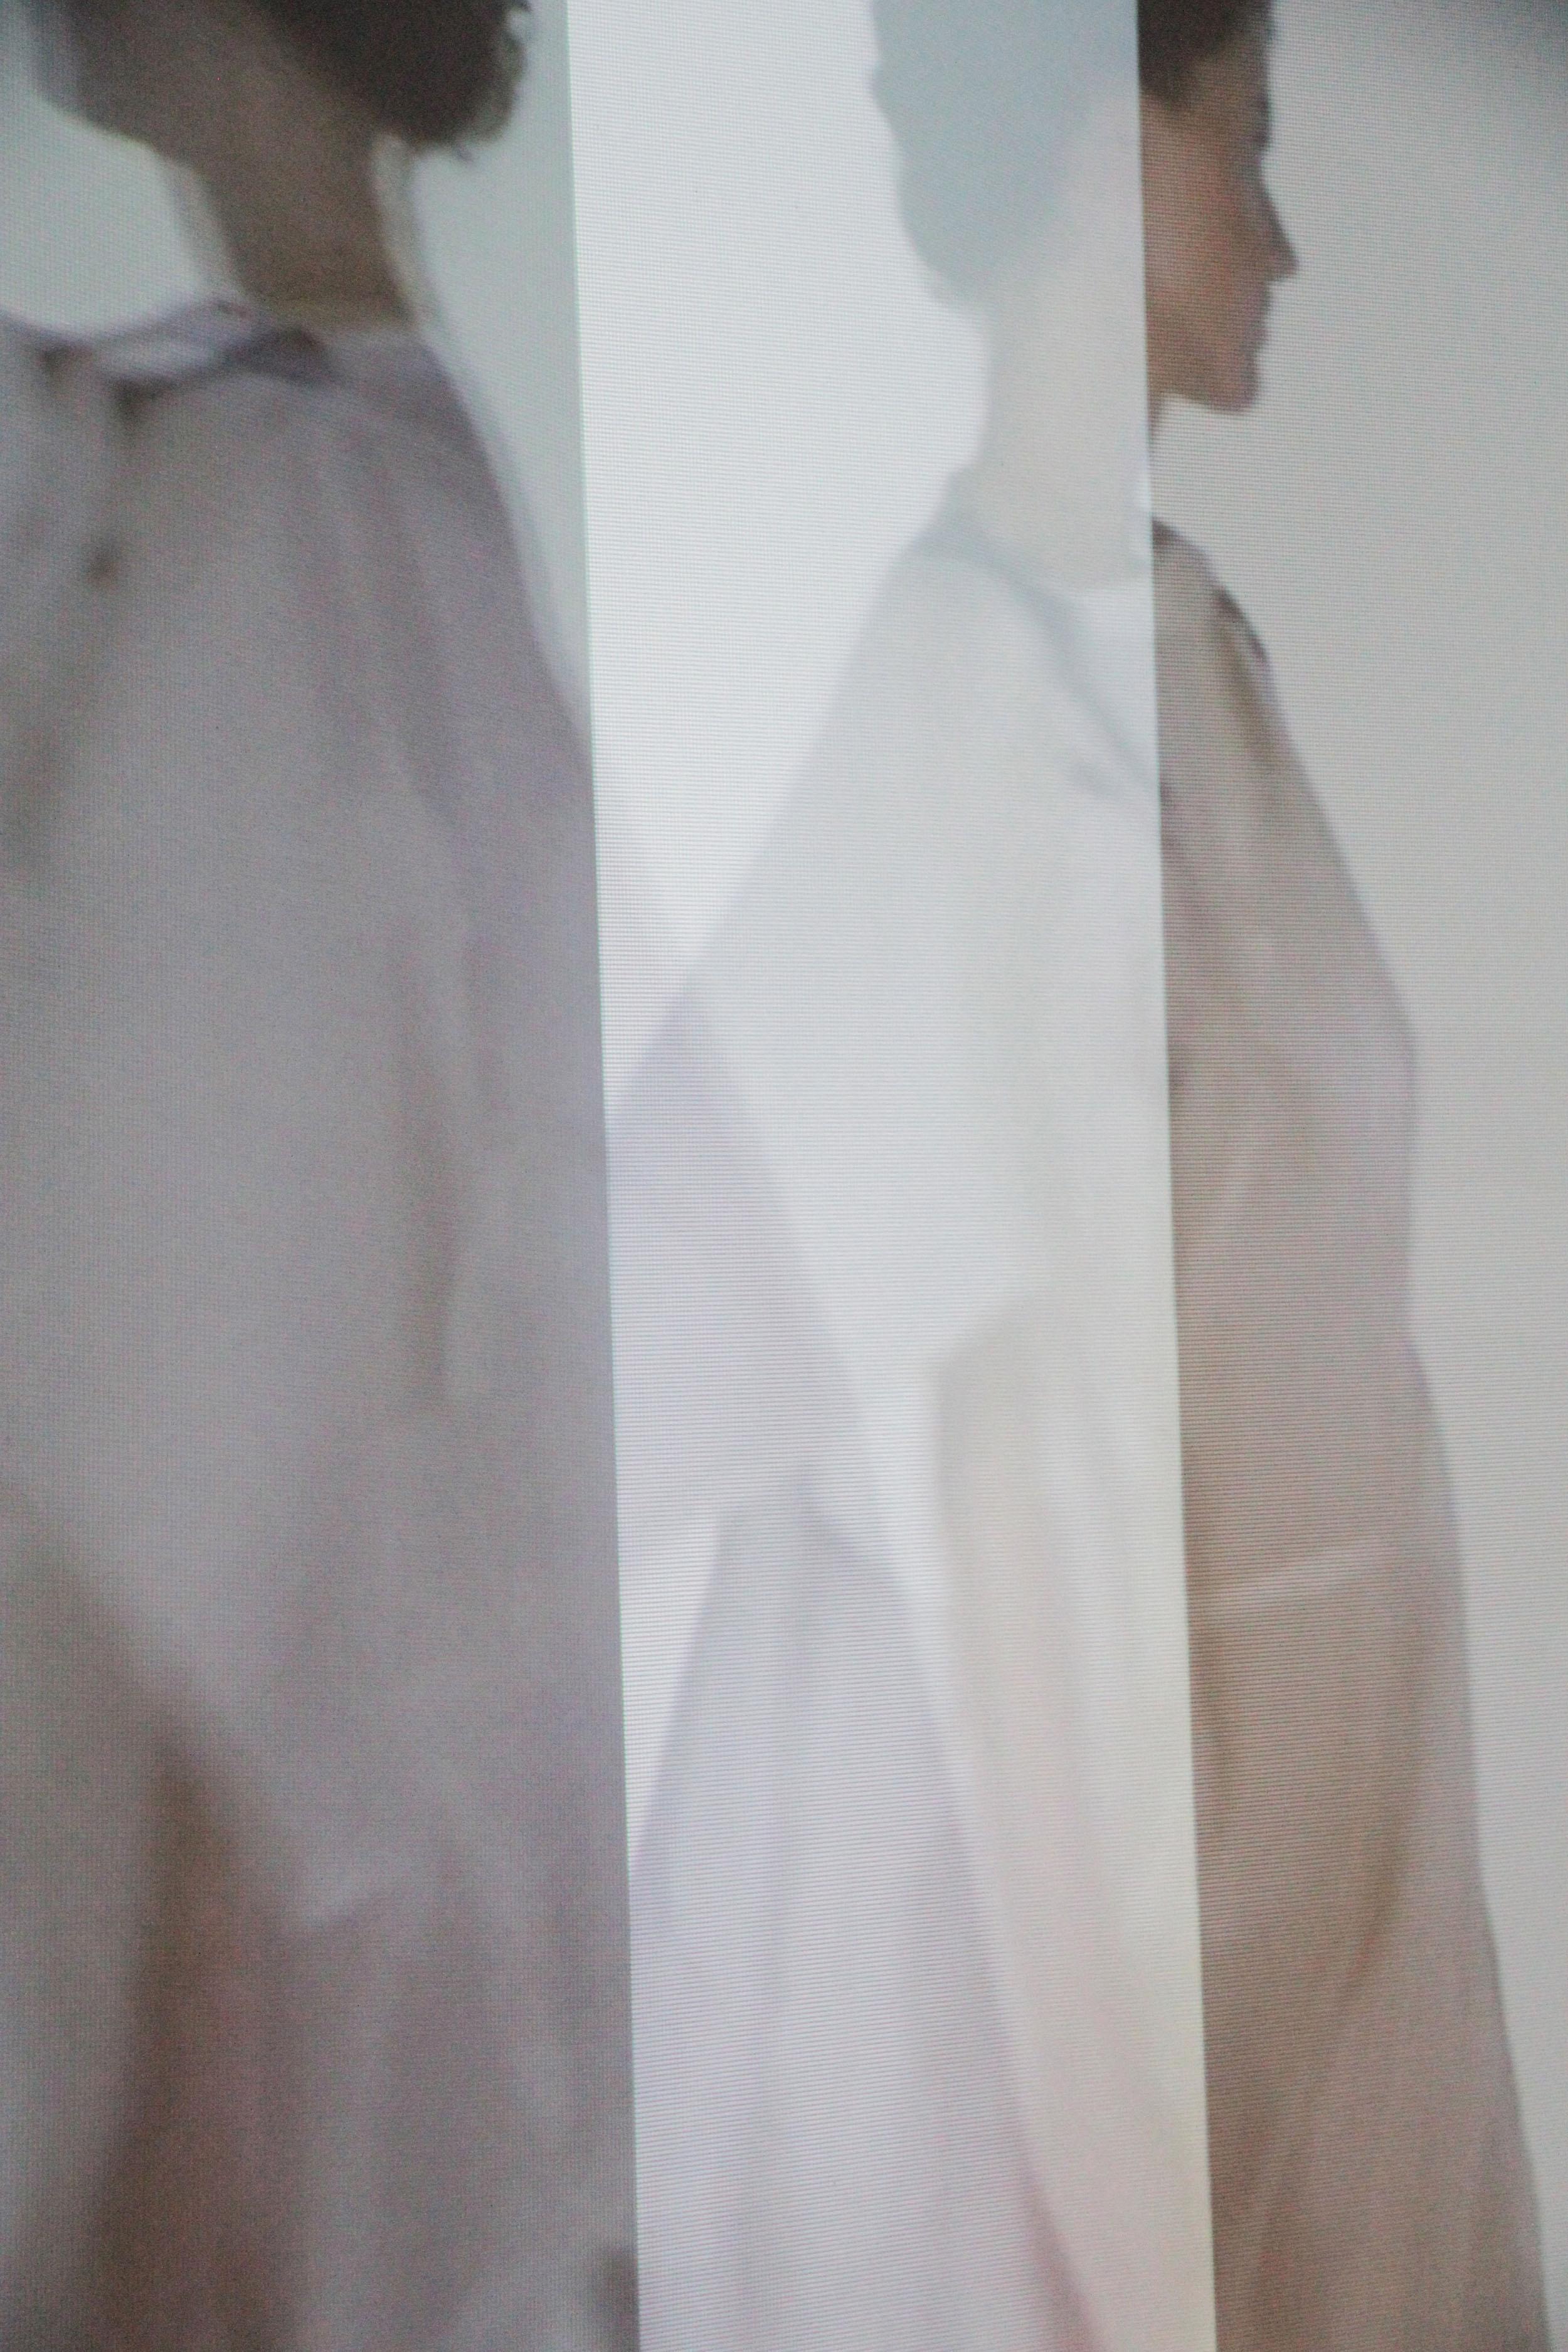 transitionvideo detail4.jpg